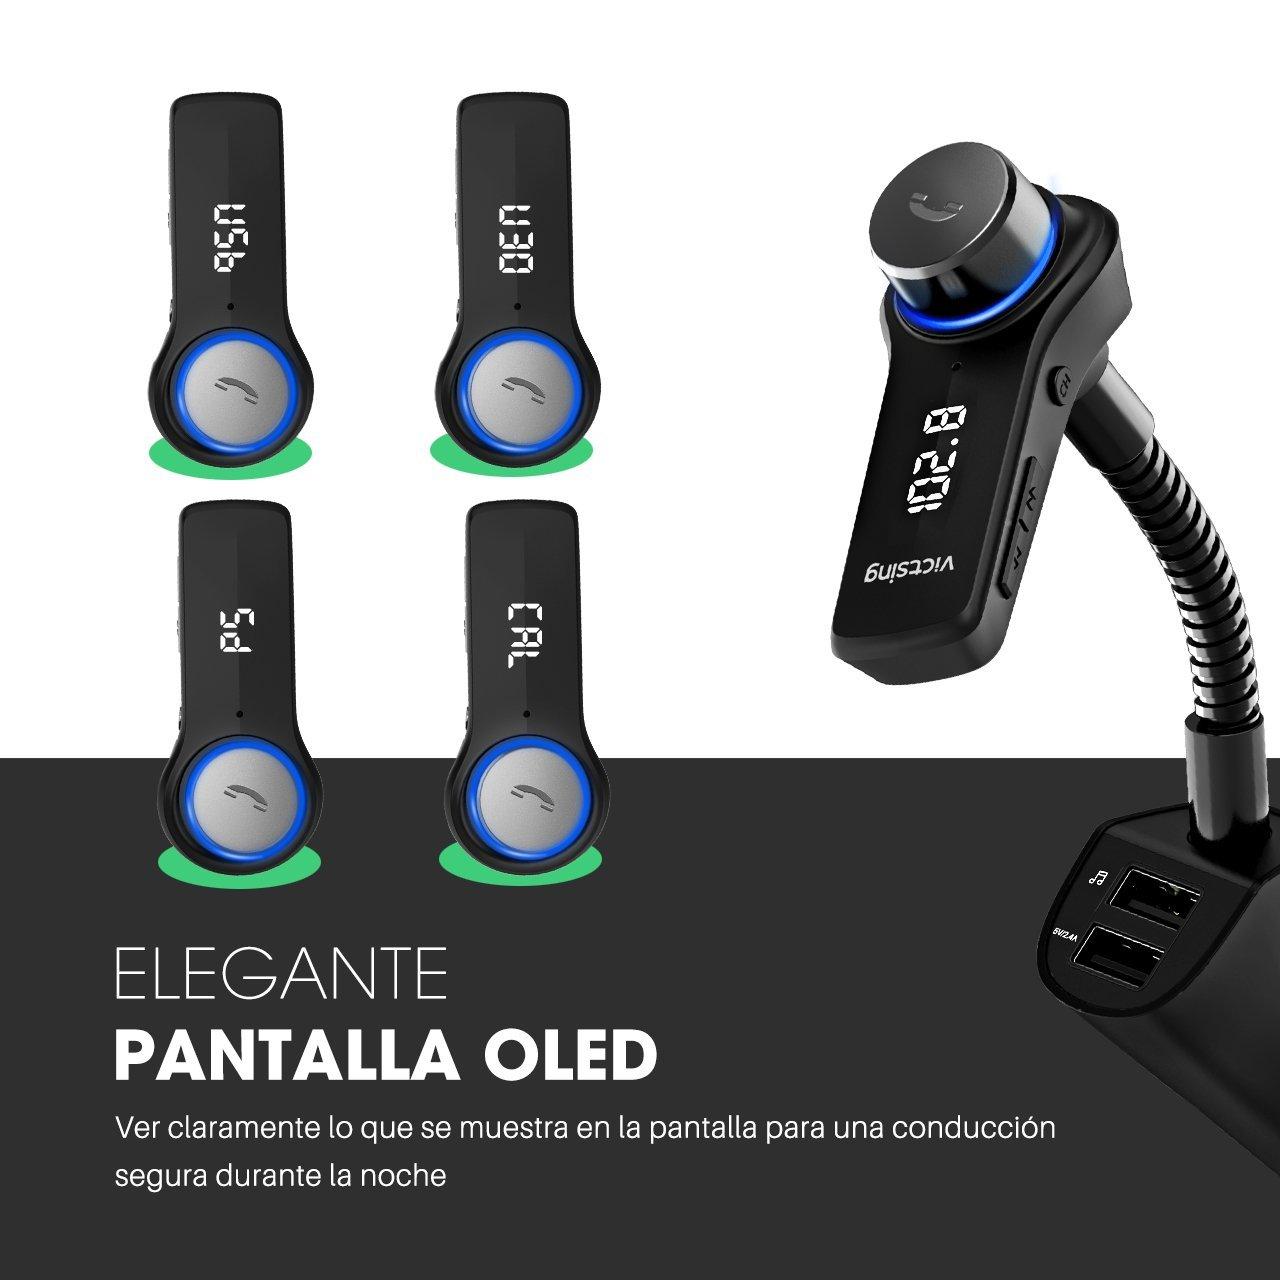 VICTSING Transmisor FM Bluetooth para Coche Manos Libres Navegación de Voz Adaptador de Radio Pantalla OLED Reproductor MP3 Mechero Coche Dual USB Cargador ...